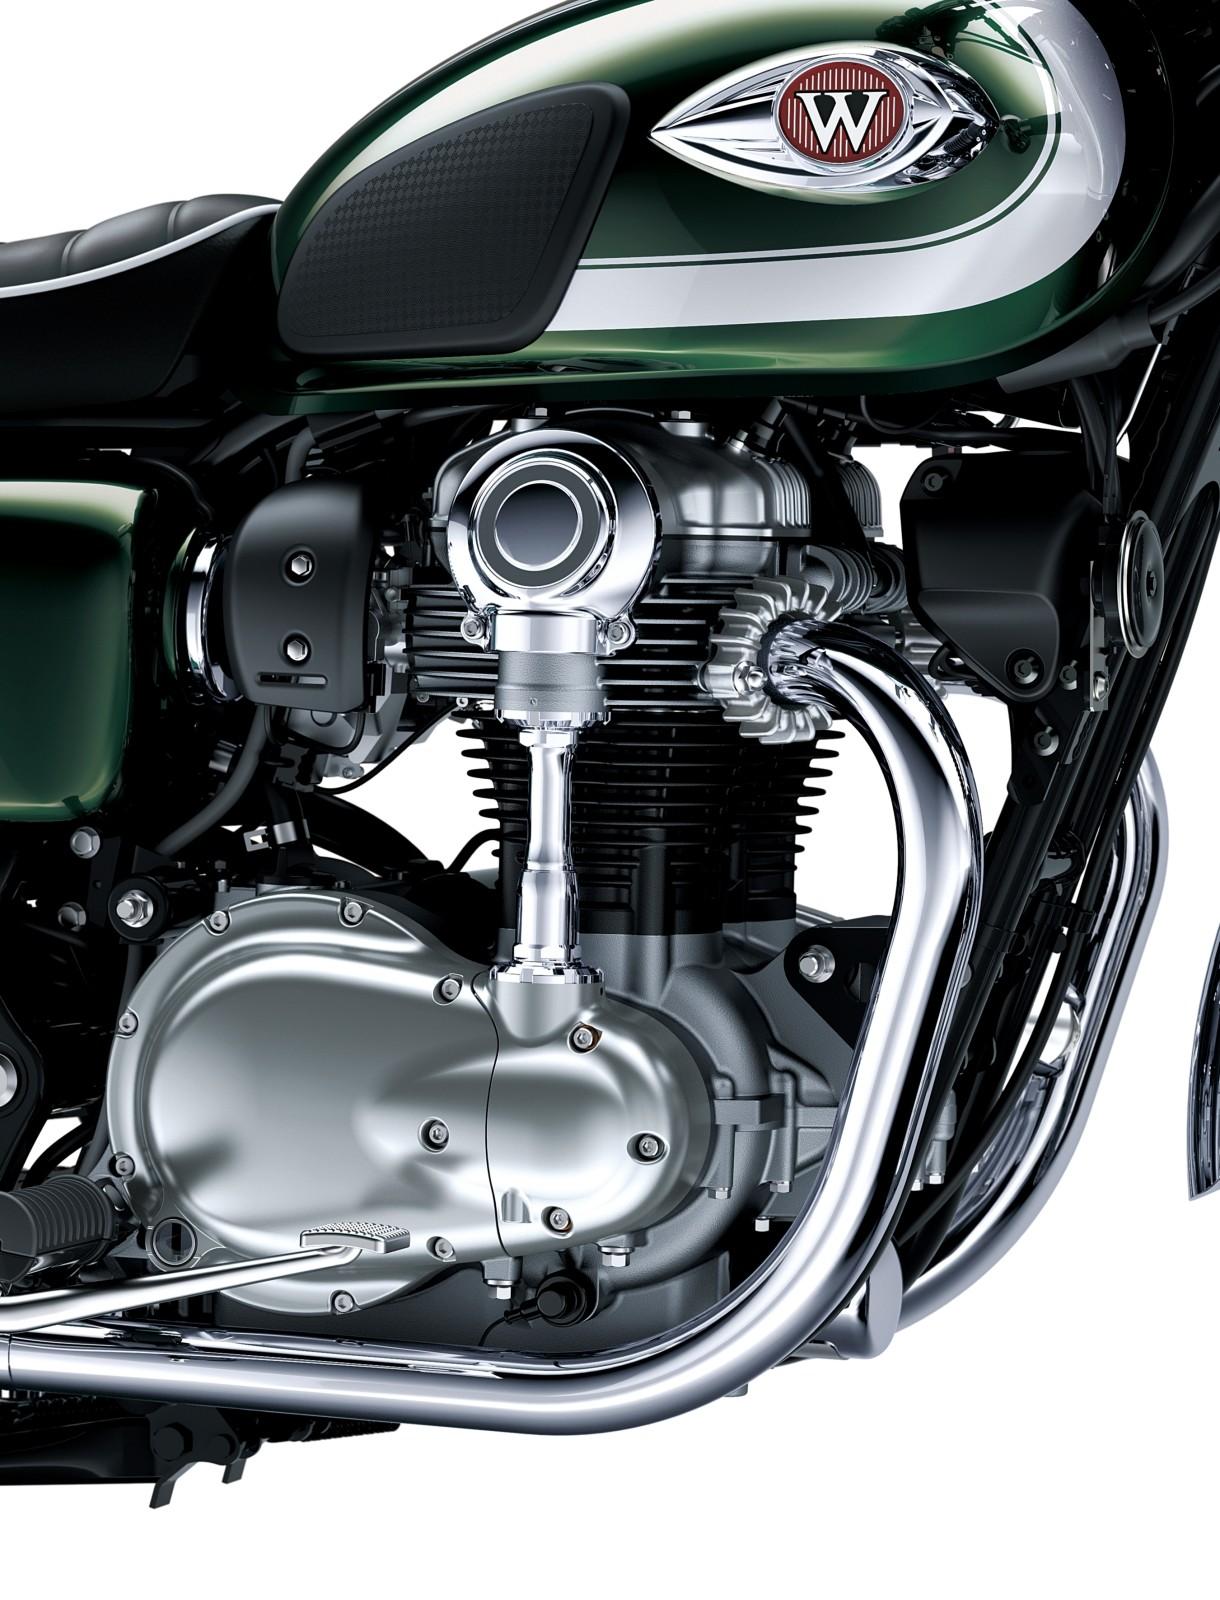 Foto de Kawasaki W800 2020 (25/48)